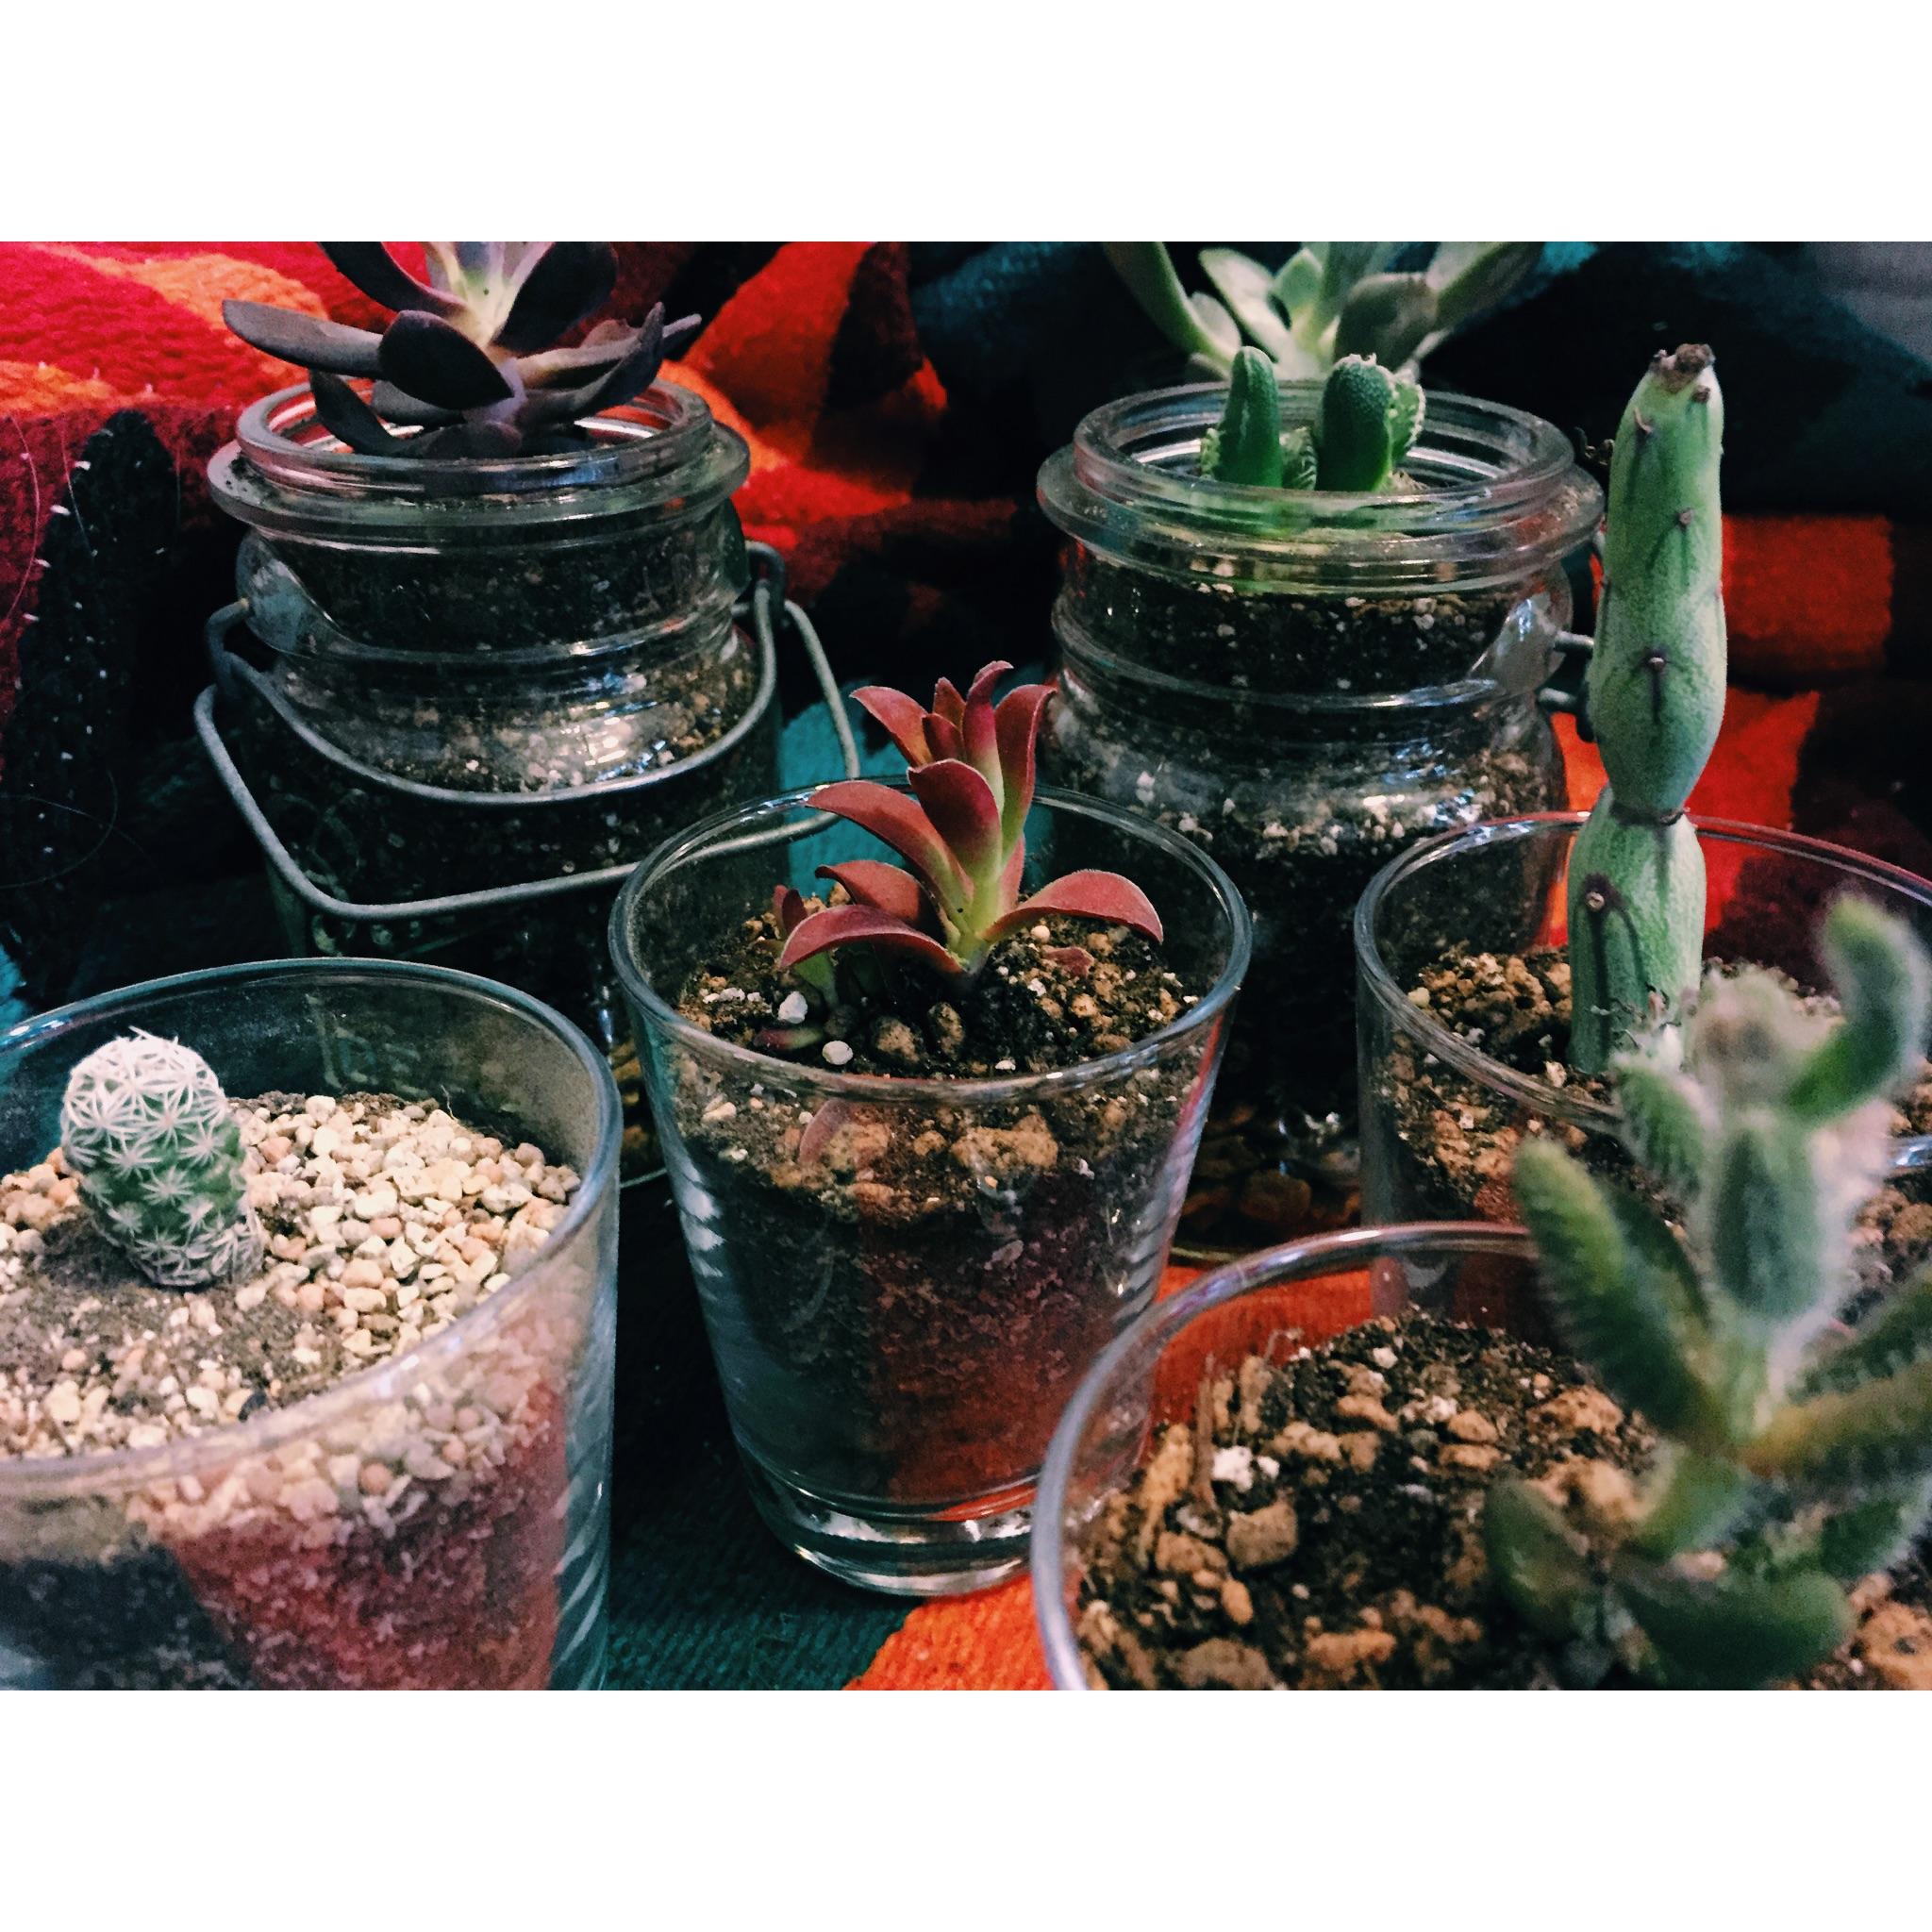 【植物と共に生活を!とってもキュートな多肉植物の植え替え手順は?枯らさないように育てる方法】